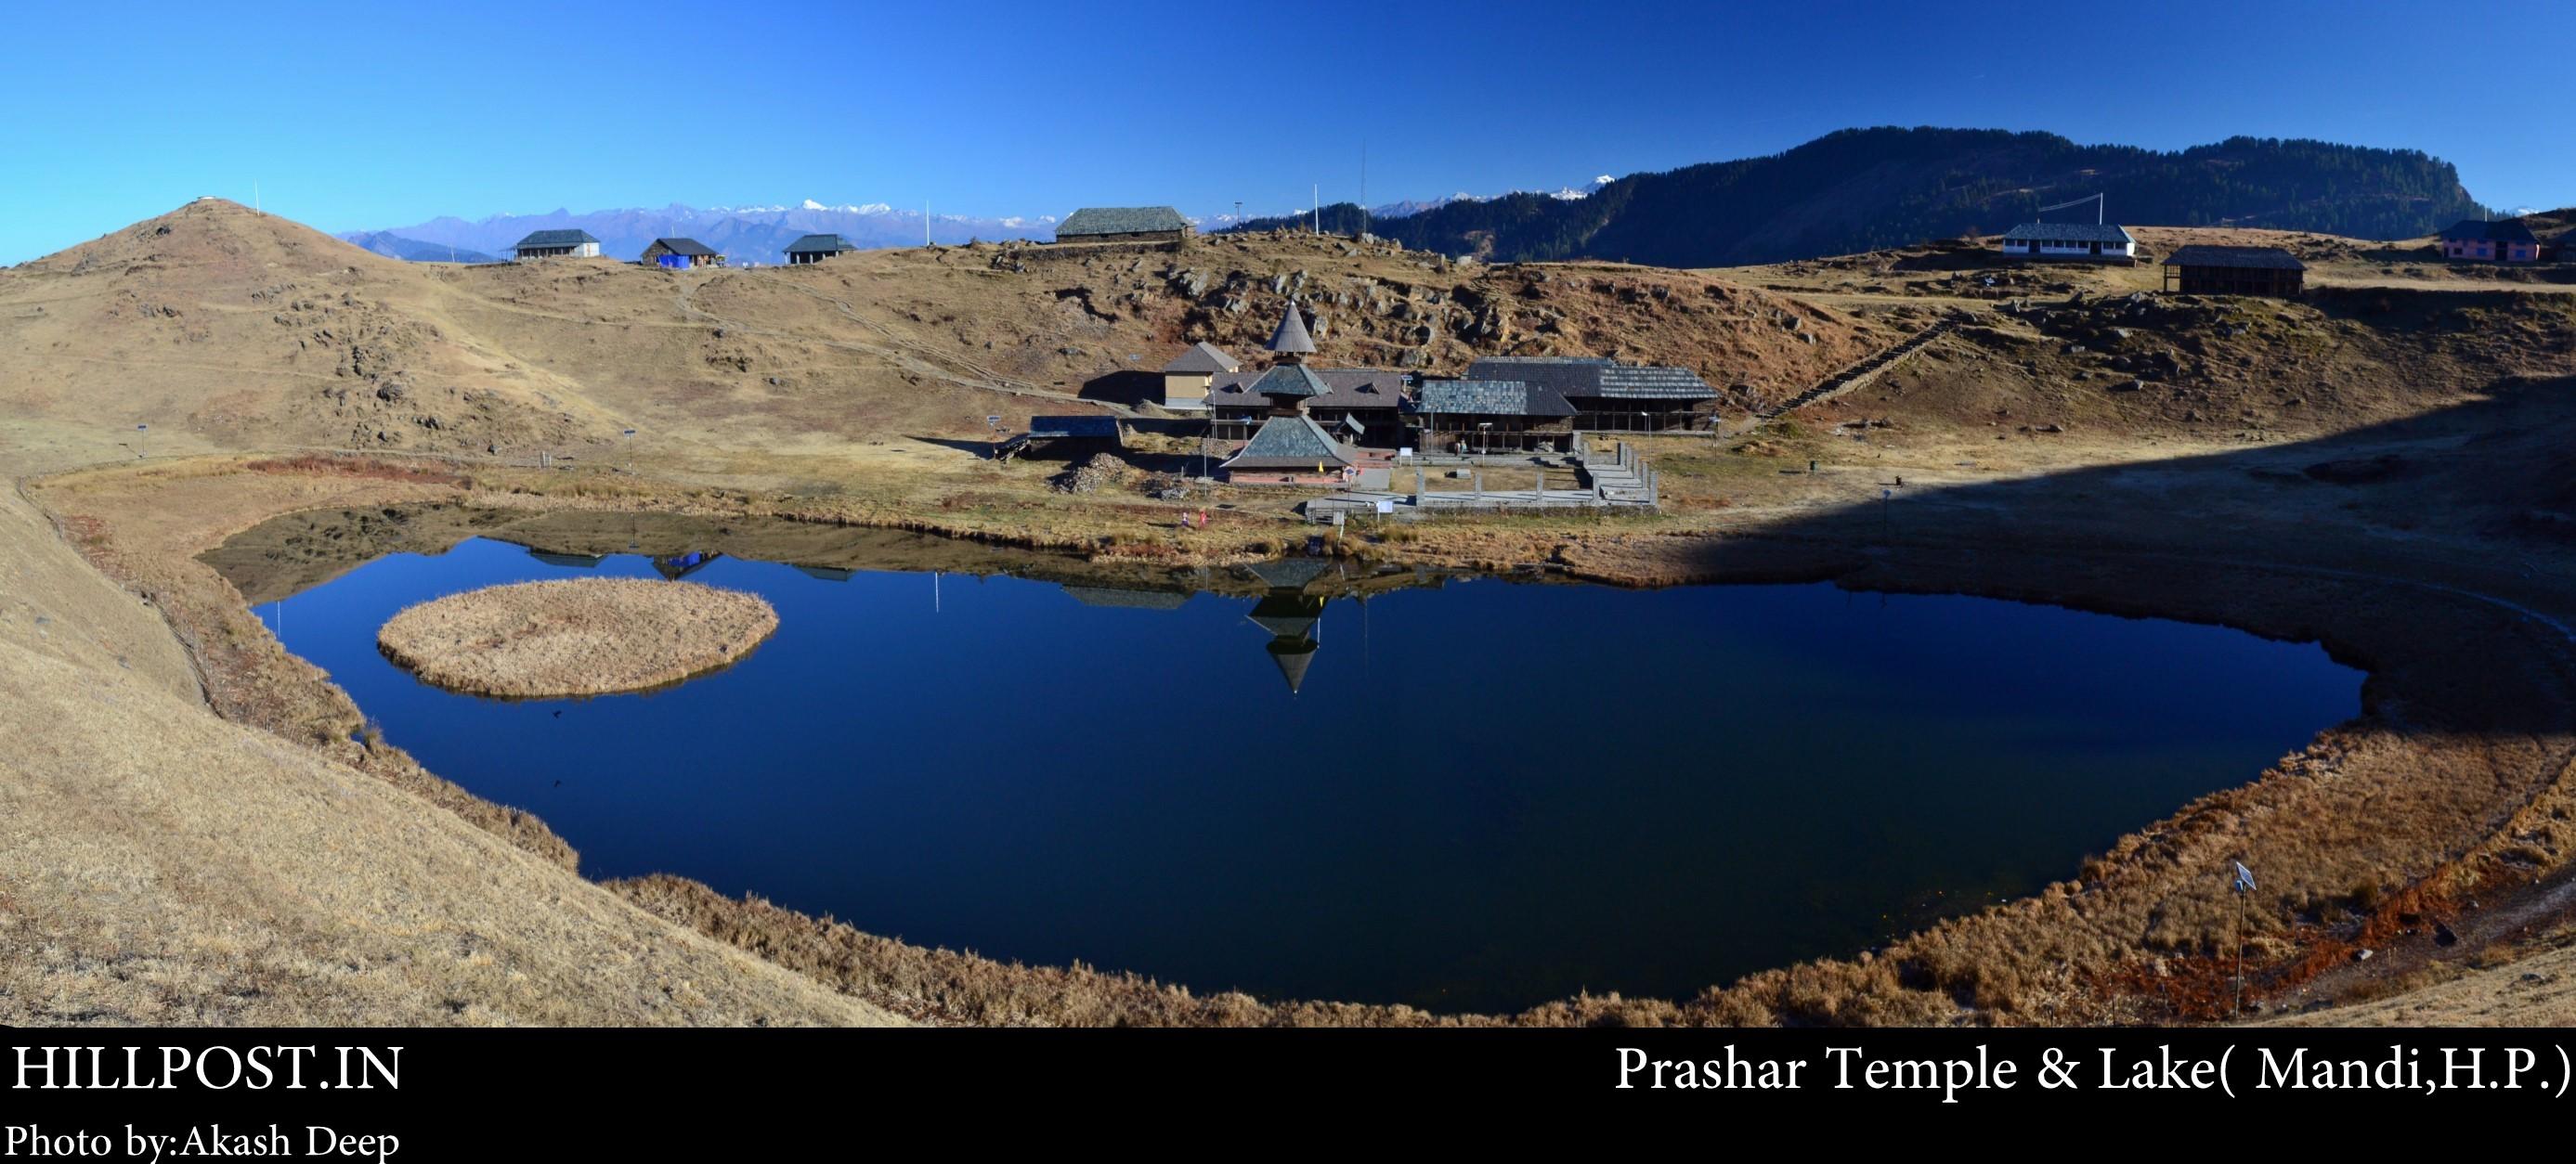 Prashar Temple & lake (Mandi, H.P.)